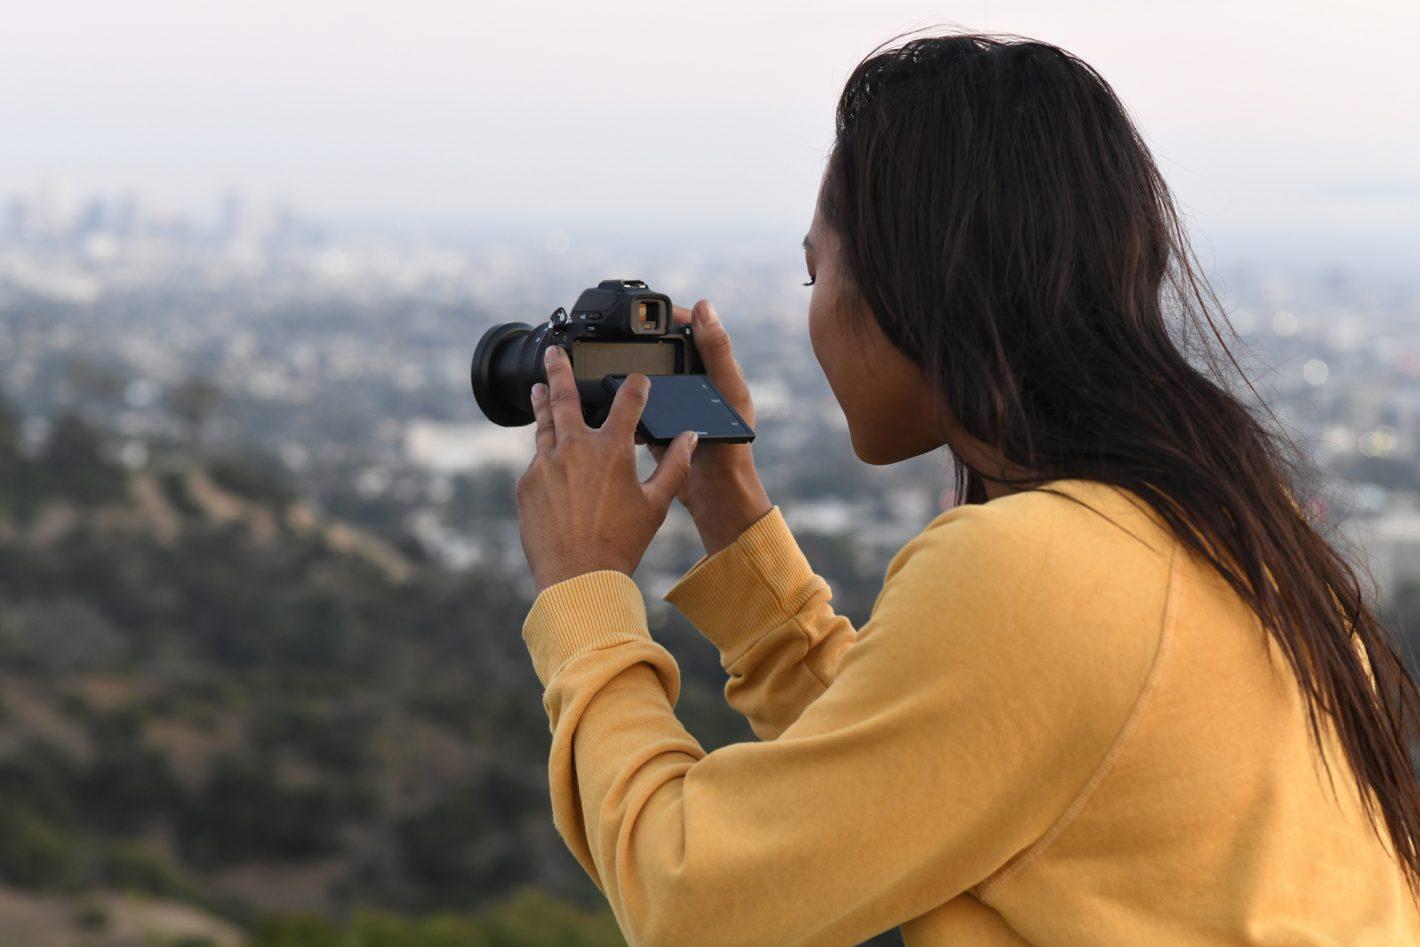 Nikon présente aujourd'hui le NIKON Z 50, le premier appareil photo hybride au format DX de la gamme Z, ainsi que les deux premiers objectifs zooms dédiés à ce boitier, les NIKKOR Z DX 16-50mm f/3.5-6.3 VR et NIKKOR Z DX 50-250mm f/4.5-6.3 VR. Nikon présente également aujourd'hui un objectif qui reflète toute l'expression de son savoir-faire en matière d'optique. Destiné aux appareils photo hybrides Nikon Z, le NIKKOR Z 58mm f/0.95 S Noct allie les performances du légendaire Noct en monture F et une conception optique révolutionnaire.